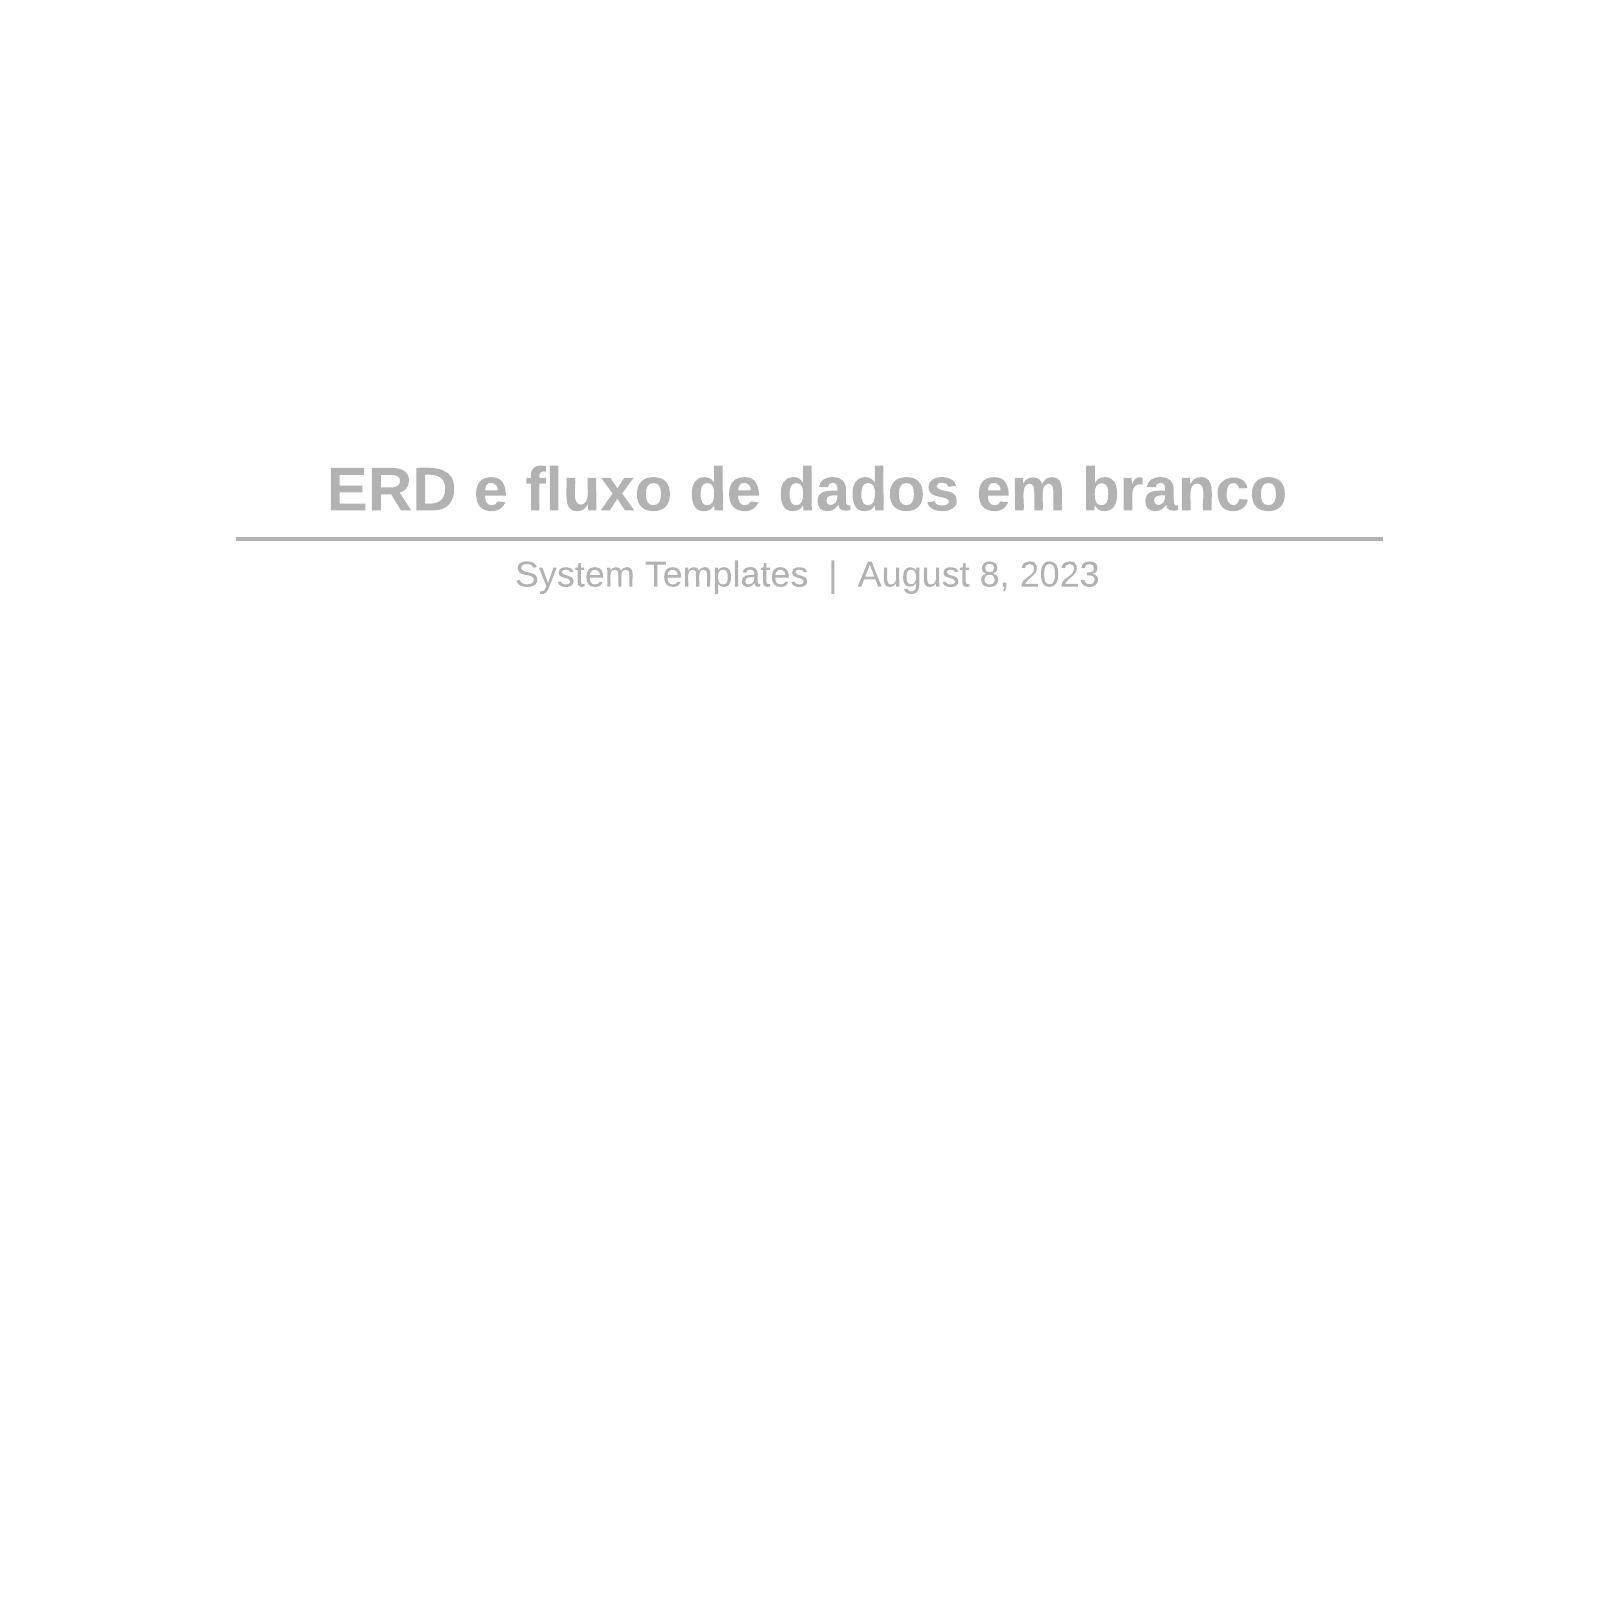 ERD e fluxo de dados em branco